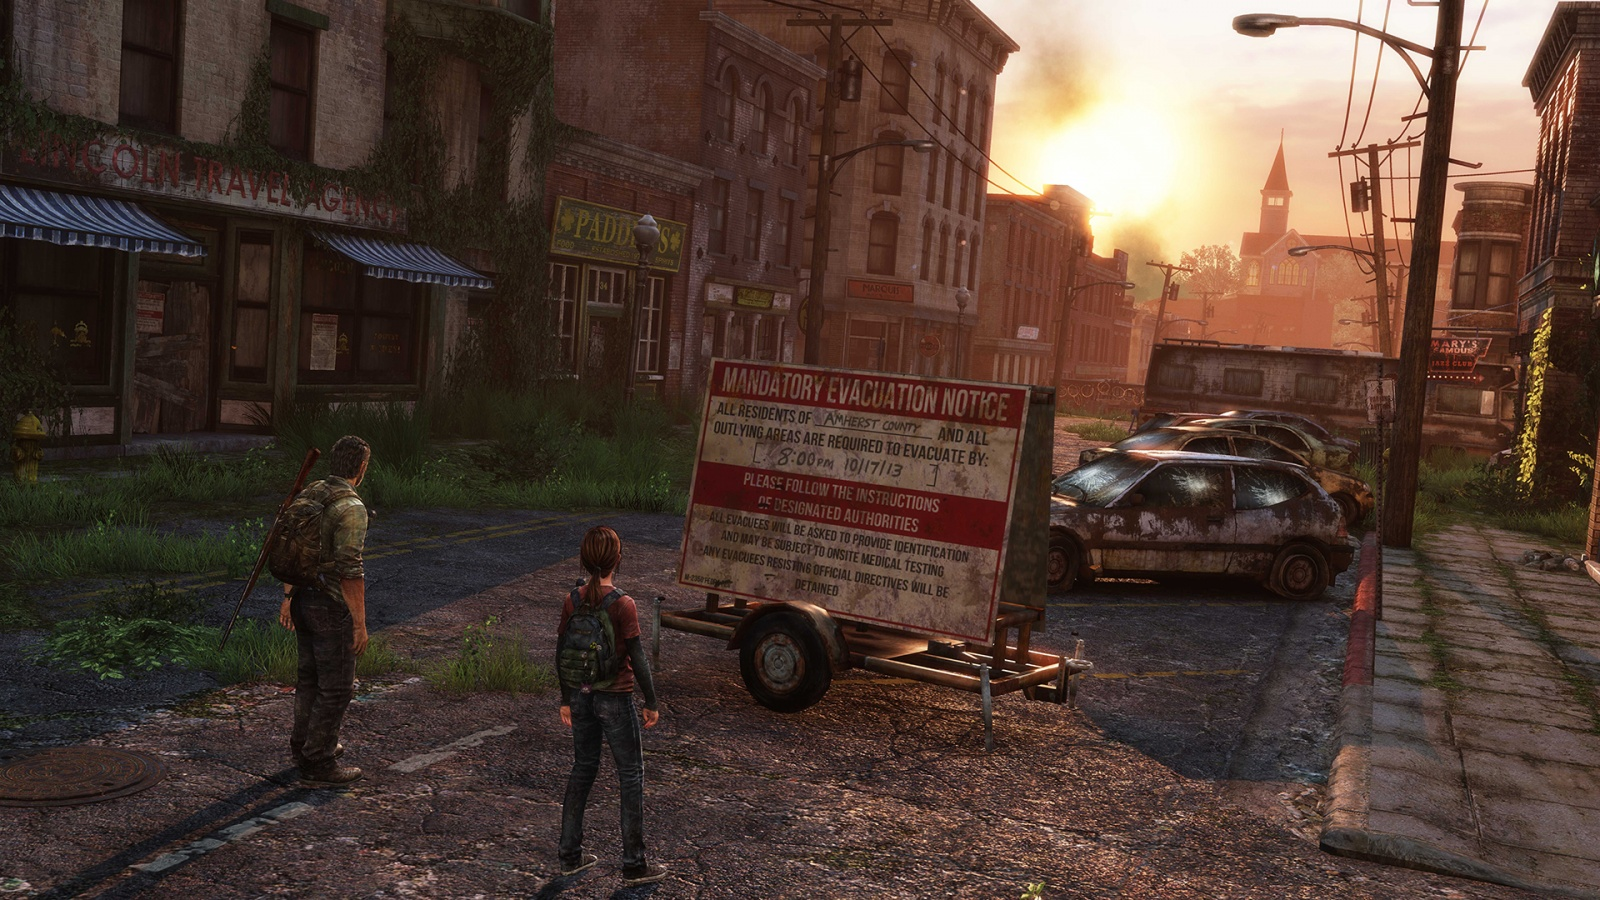 Охотники, щелкуны и Элли: как устроен игровой искусственный интеллект в The Last of Us - 3